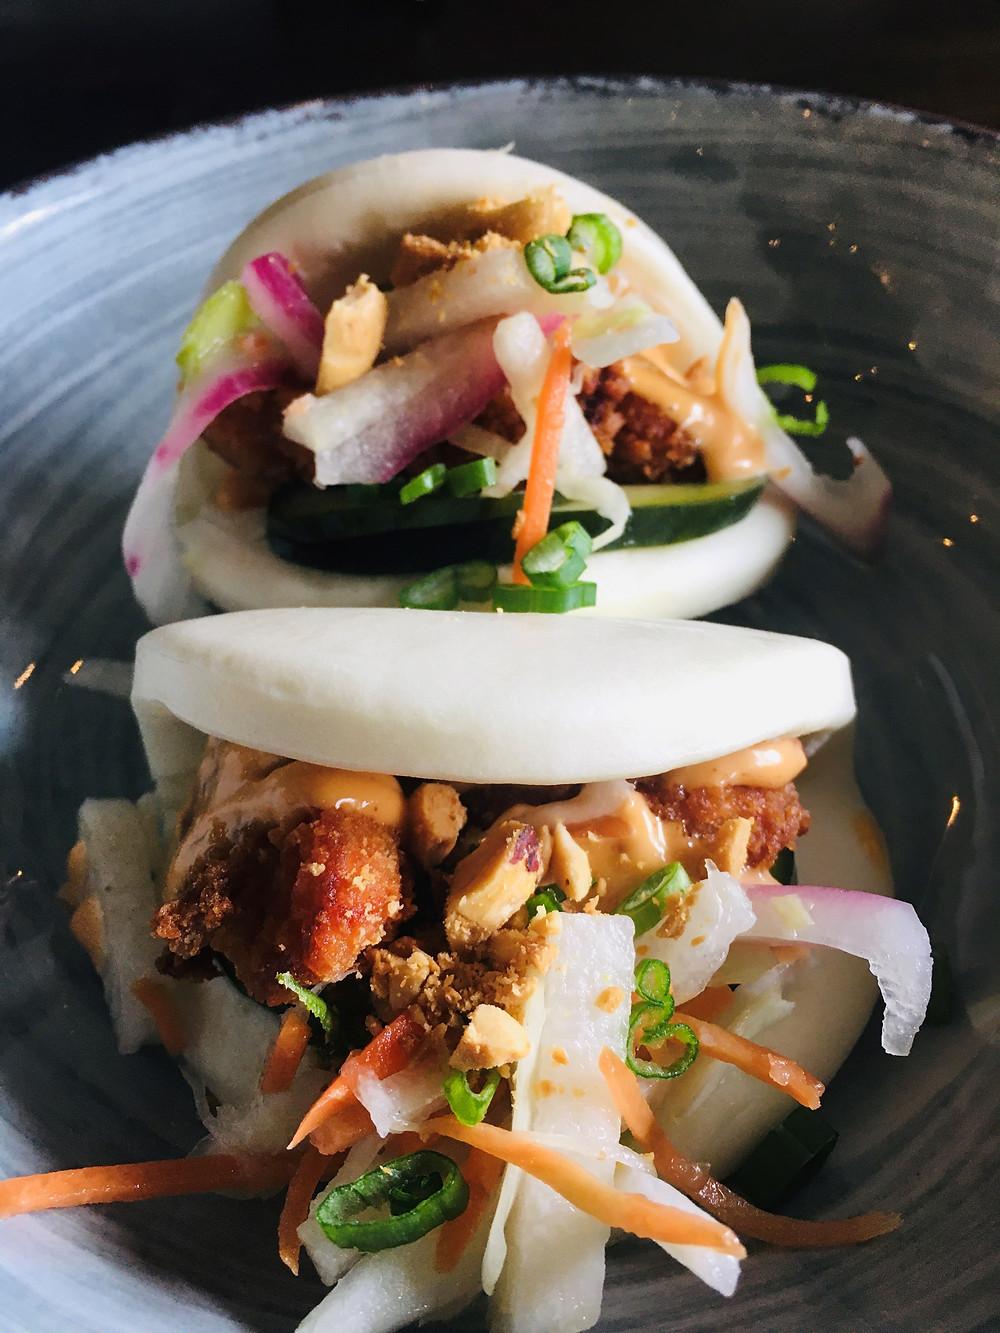 Bao buns from Barkada's restaurant